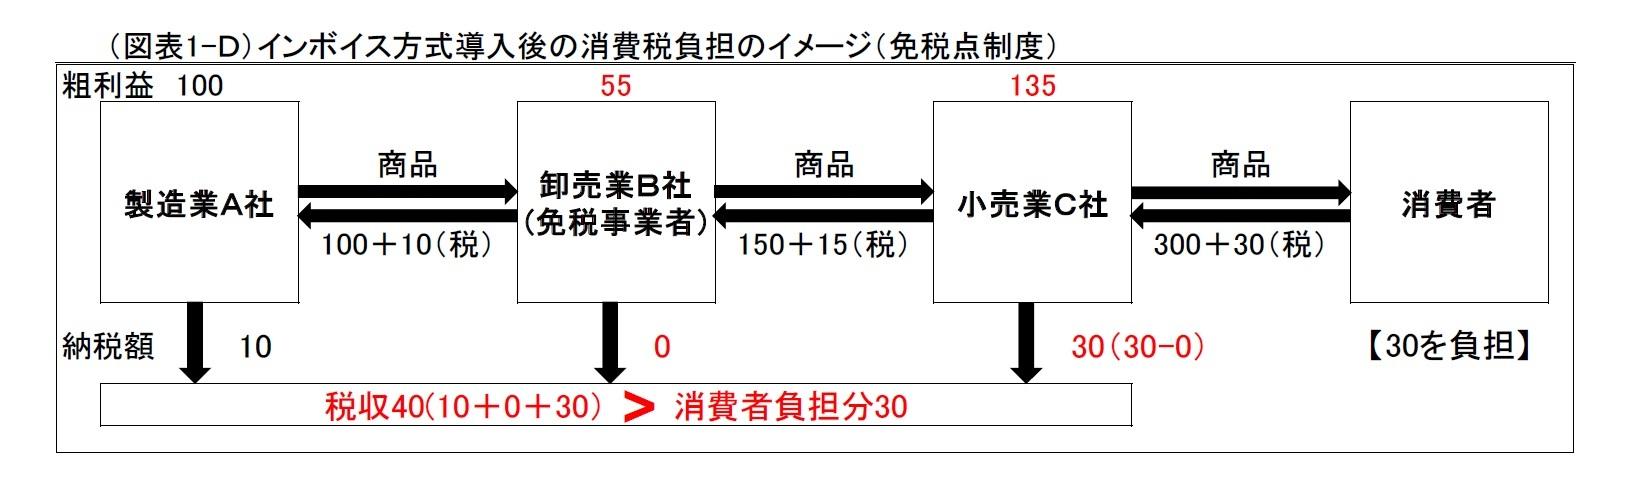 (図表1-D)インボイス方式導入後の消費税負担のイメージ(免税点制度)